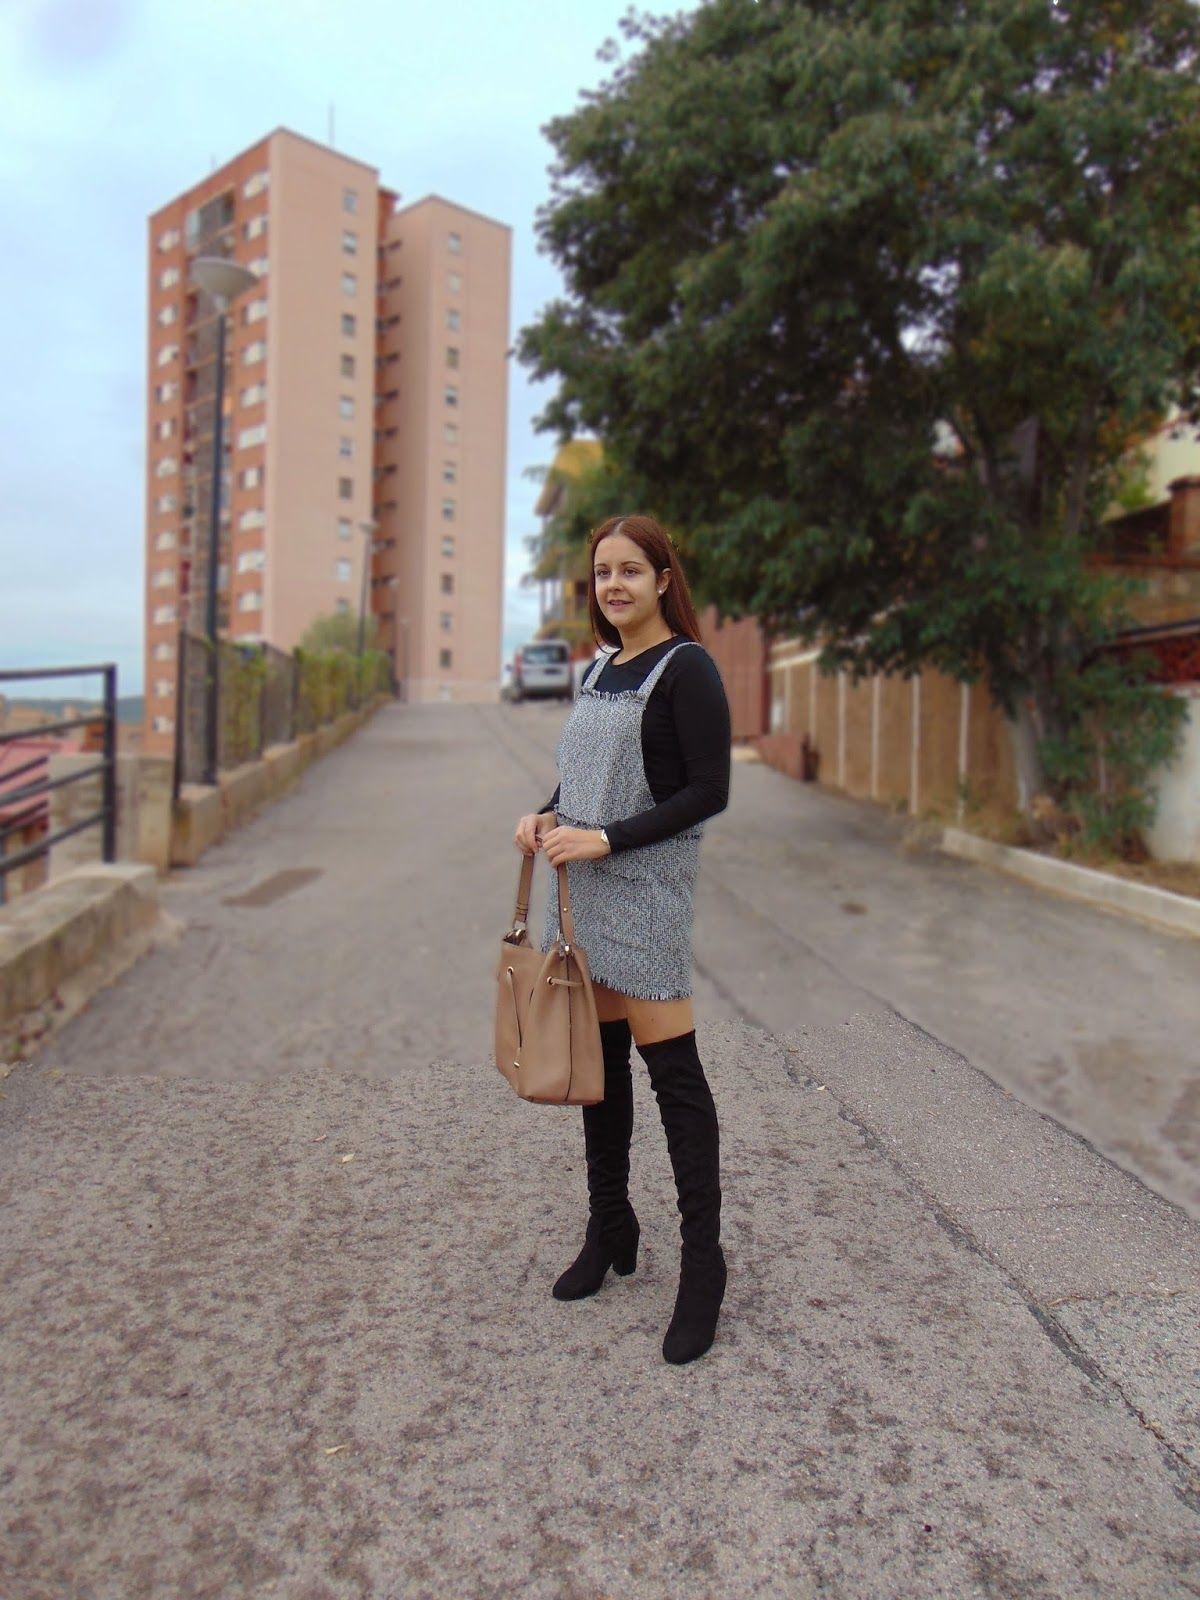 CÓMO COMBINAR UNAS BOTAS ALTAS NEGRAS Zara Cabañes Blog